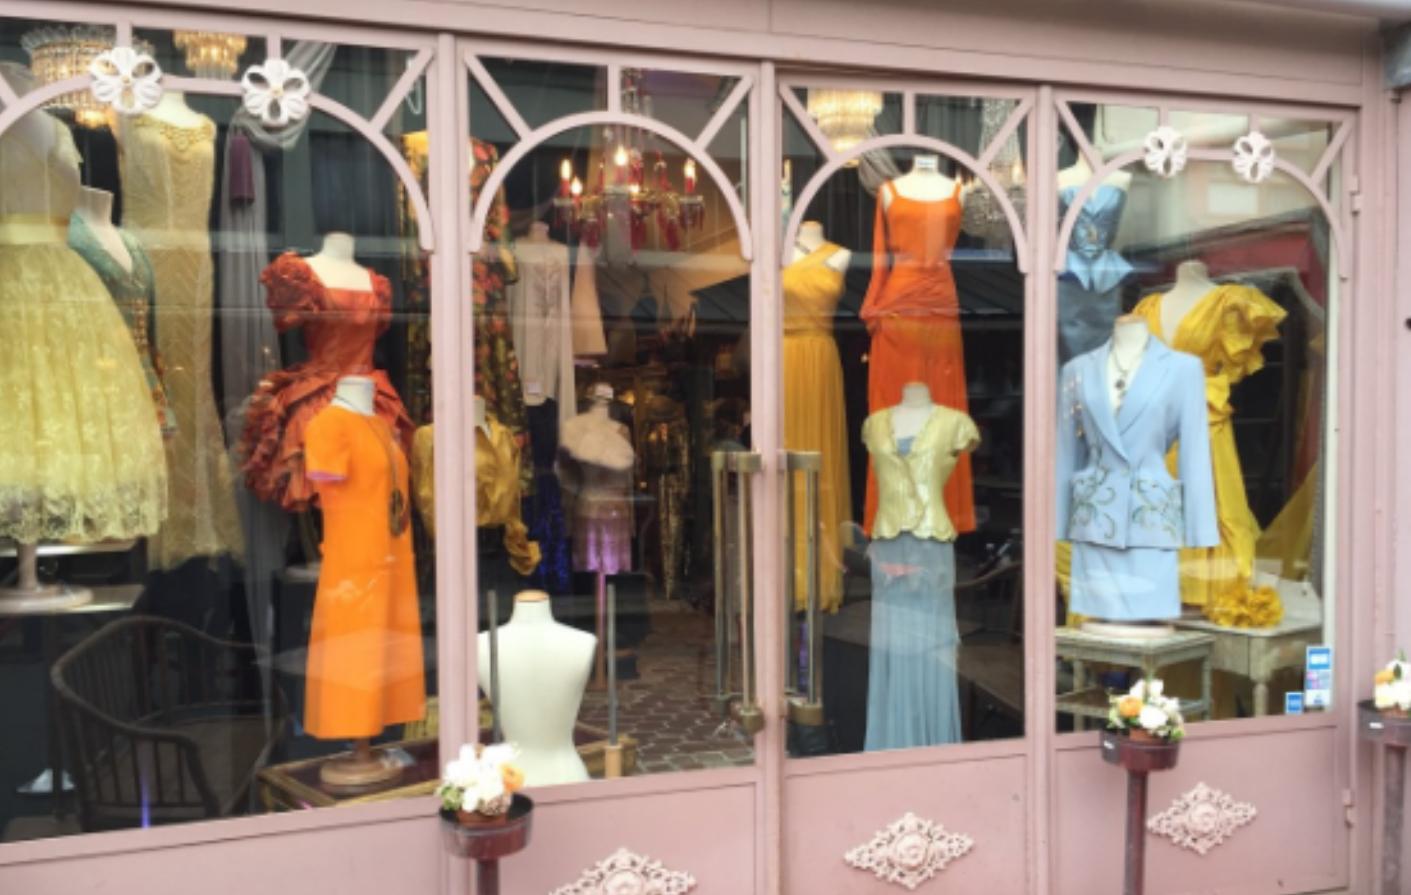 A vintage fashion boutique at Marché aux Puces de Clignancourt. Image courtesy of Google.